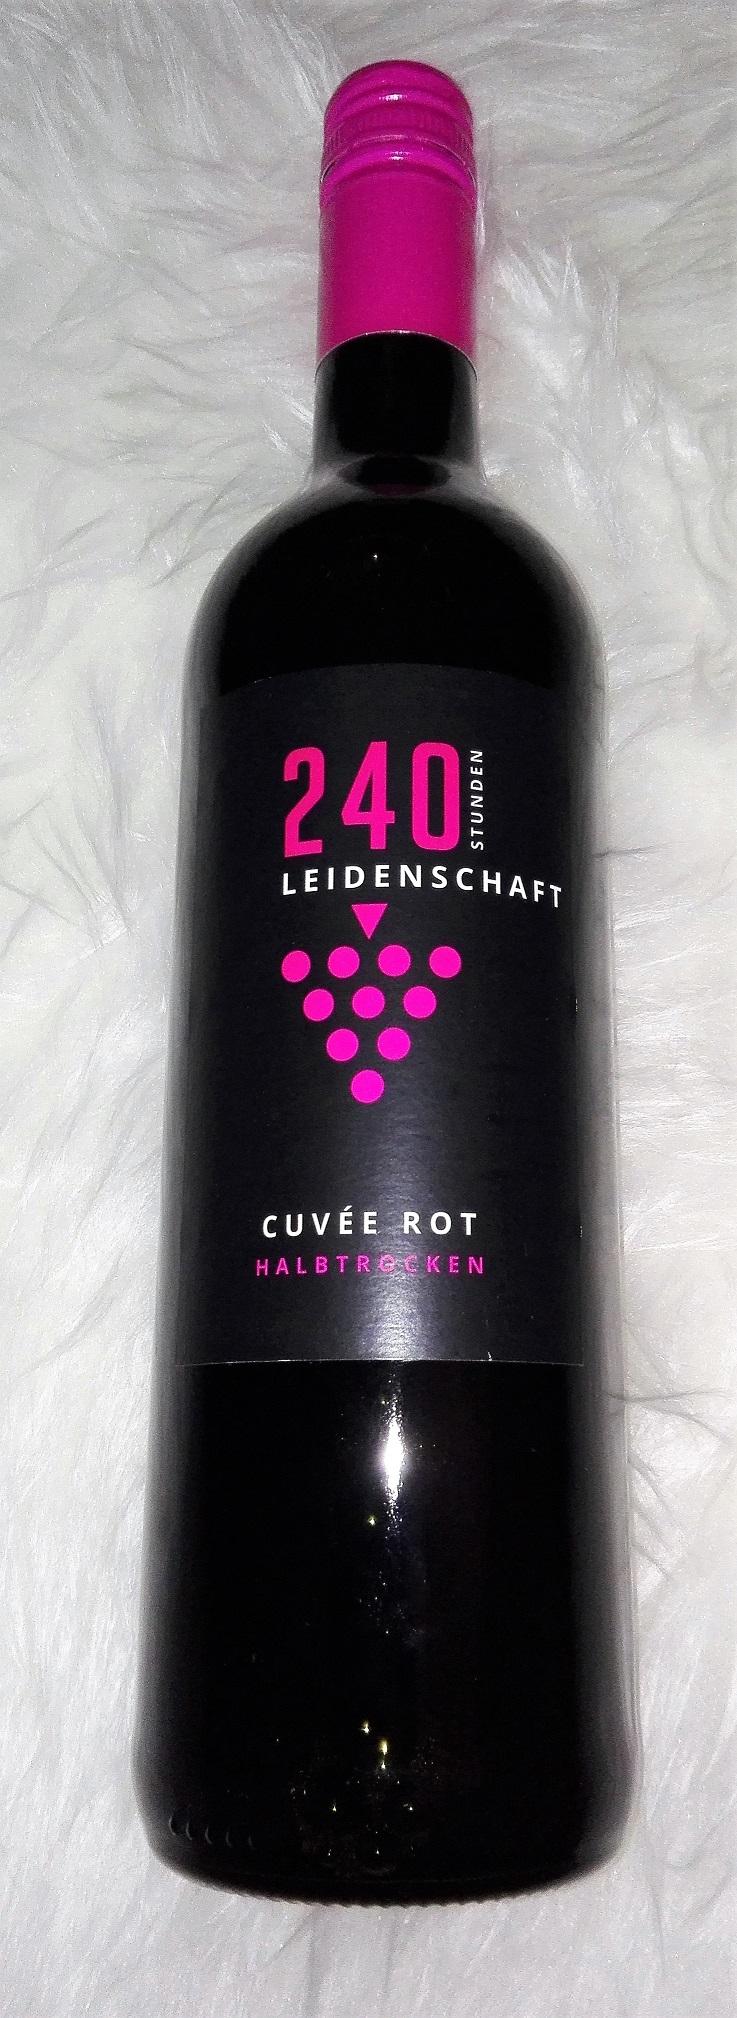 240 Stunden Leidenschaft Wein Erfahrung